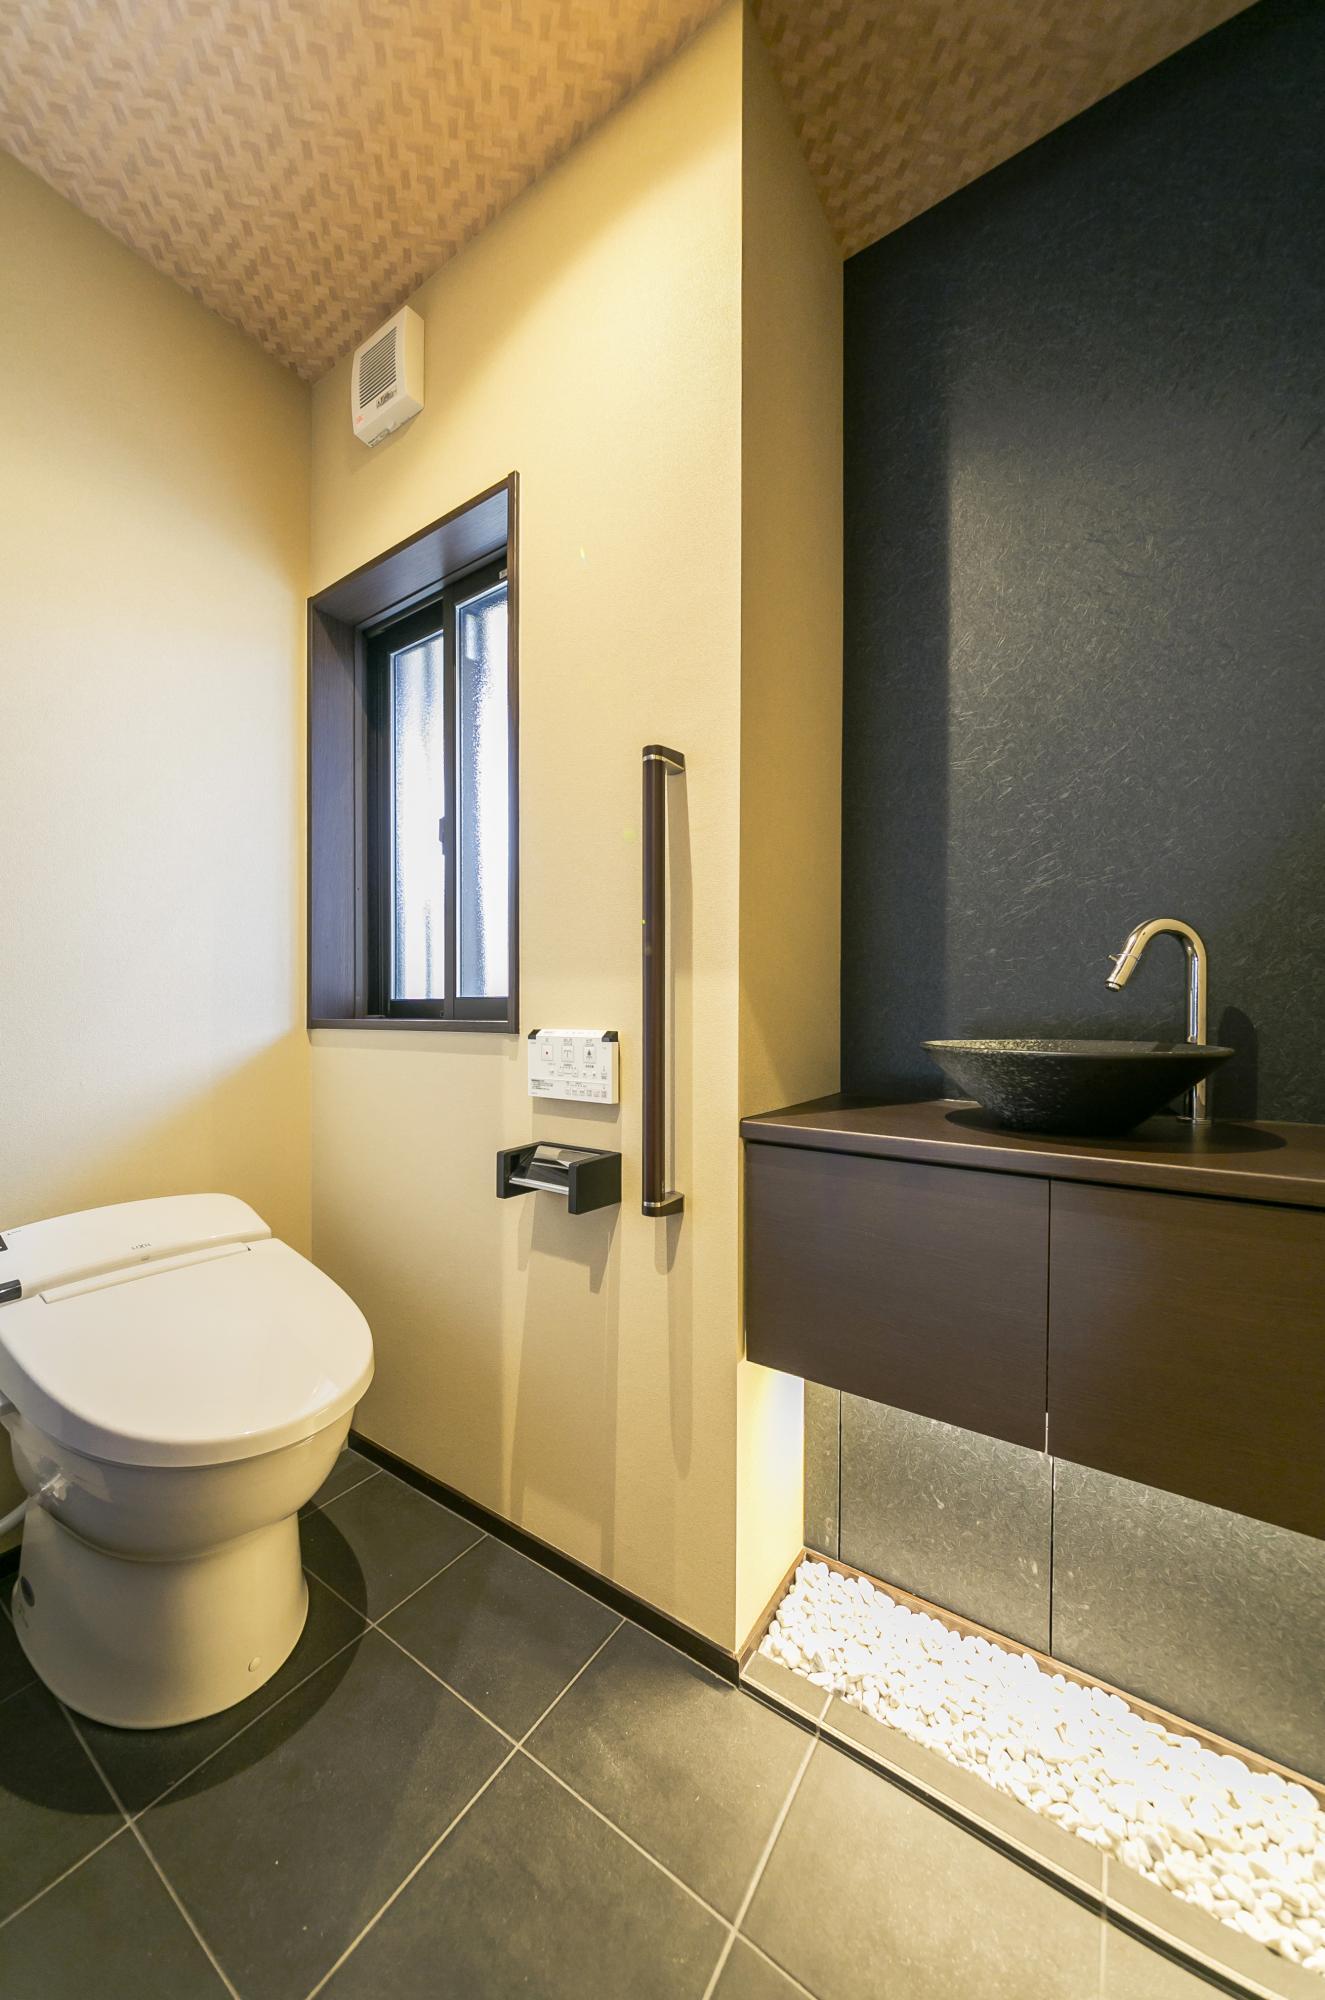 トイレもバスルーム同様、母屋に配置。手洗いカウンターには床から浮いたようなデザインのフローティングファニチャーを採用し、足元にフットライトと小石を配して雰囲気を出した。また高齢のお母様のことを考えて手すりも取り付けている。